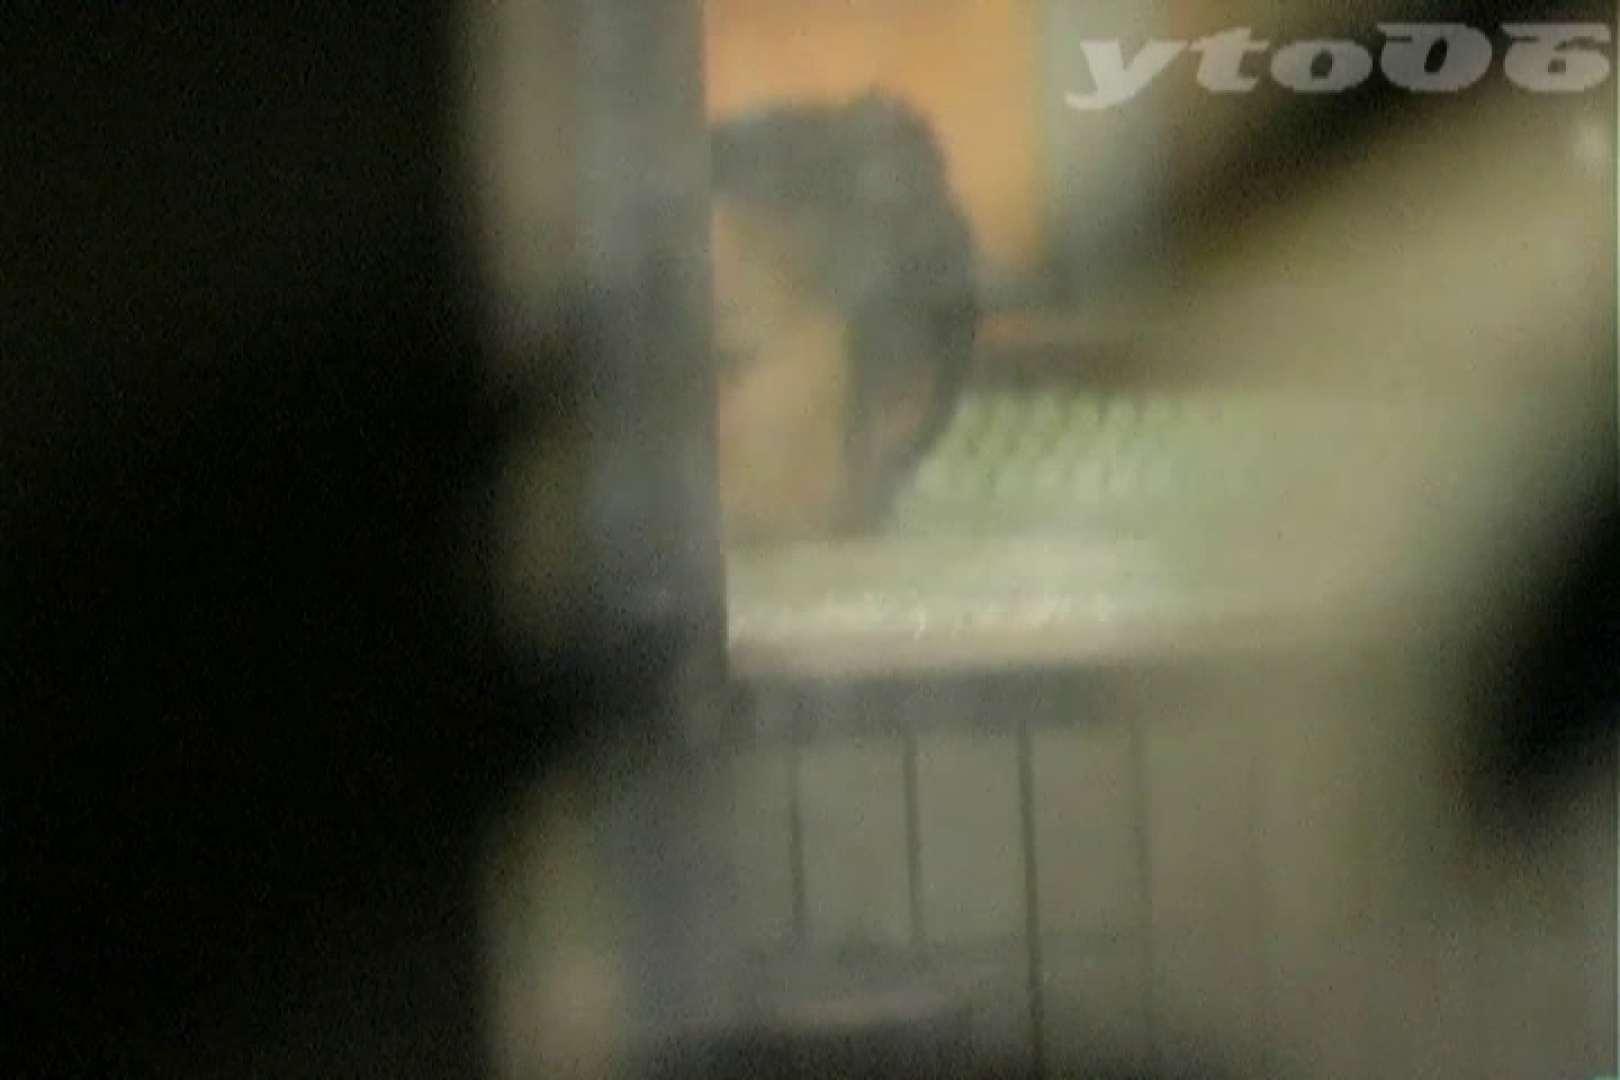 ▲復活限定▲合宿ホテル女風呂盗撮 Vol.36 女風呂 すけべAV動画紹介 102枚 22